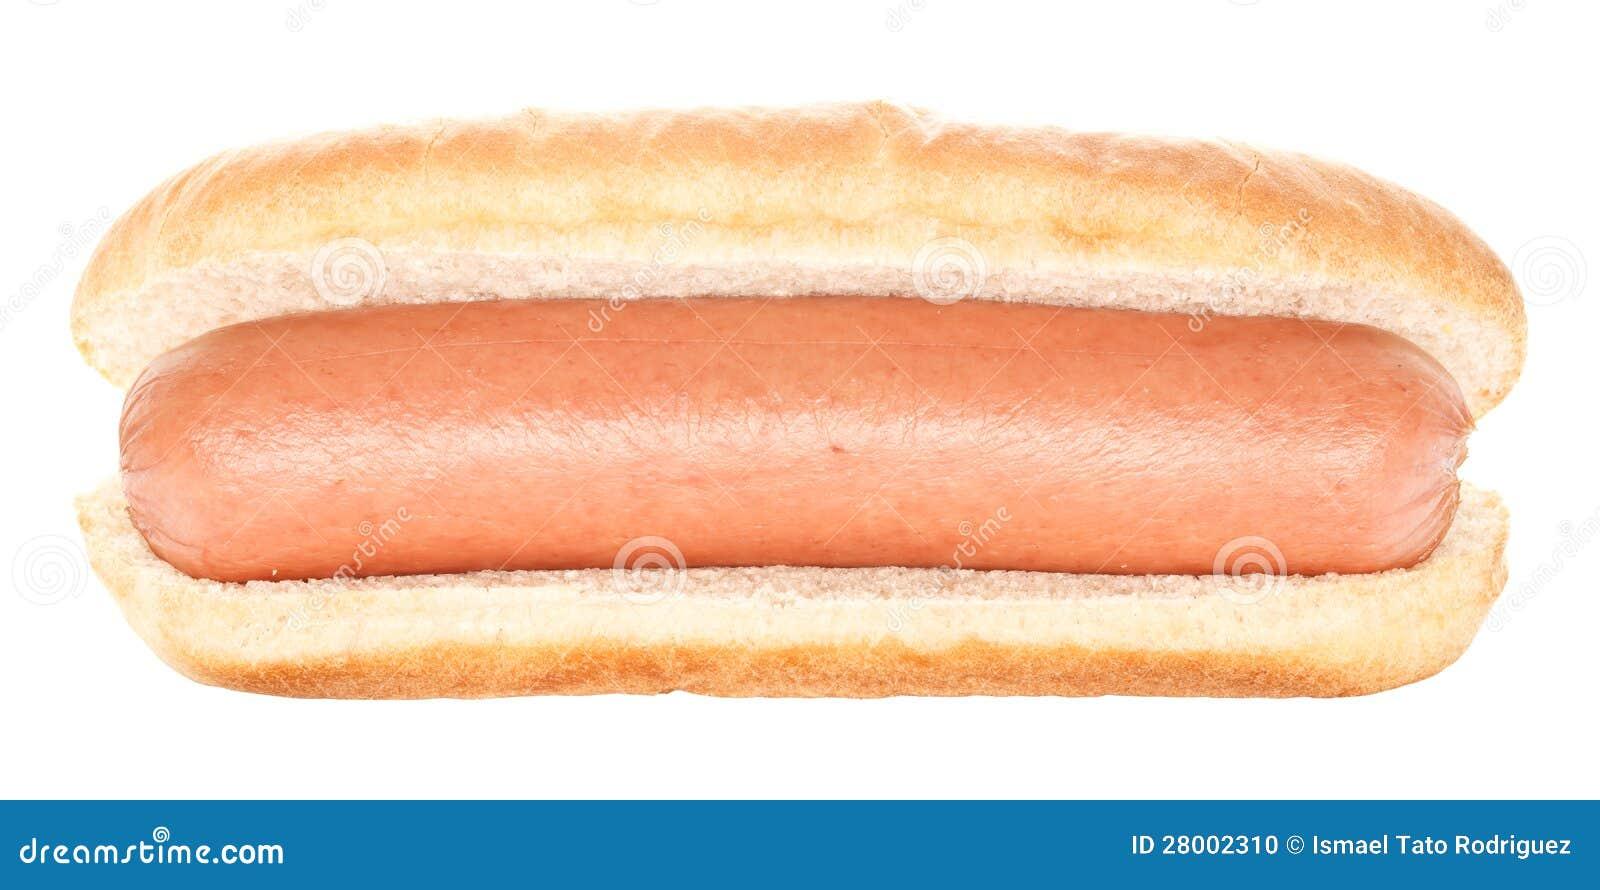 Hot Dog Stock Photo Image 28002310